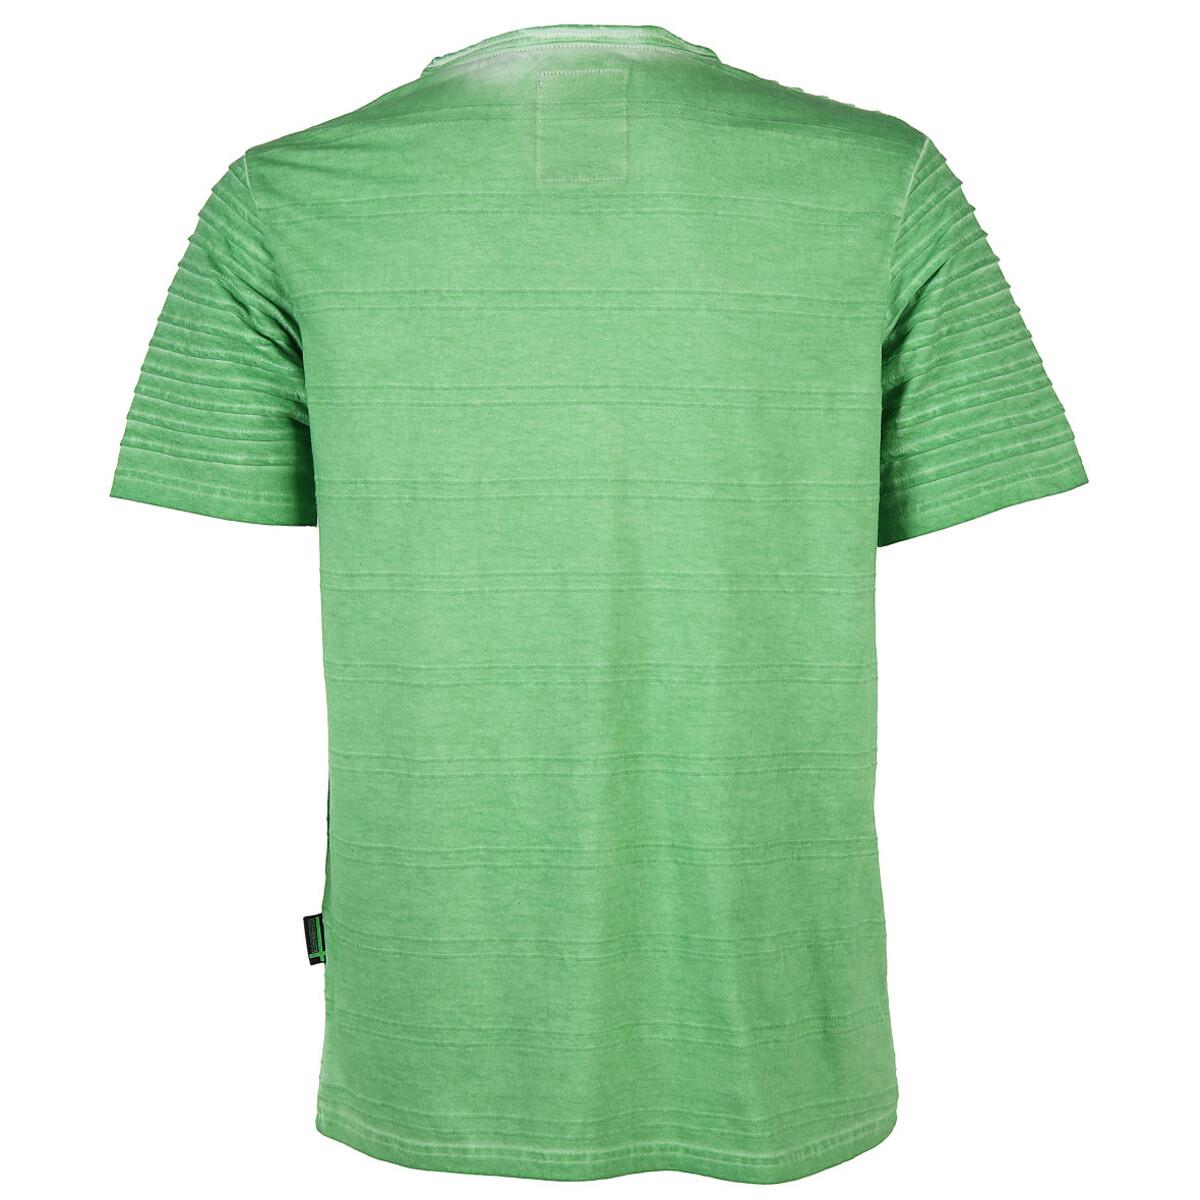 Bild 2 von Herren T-Shirt mit Knopfleiste